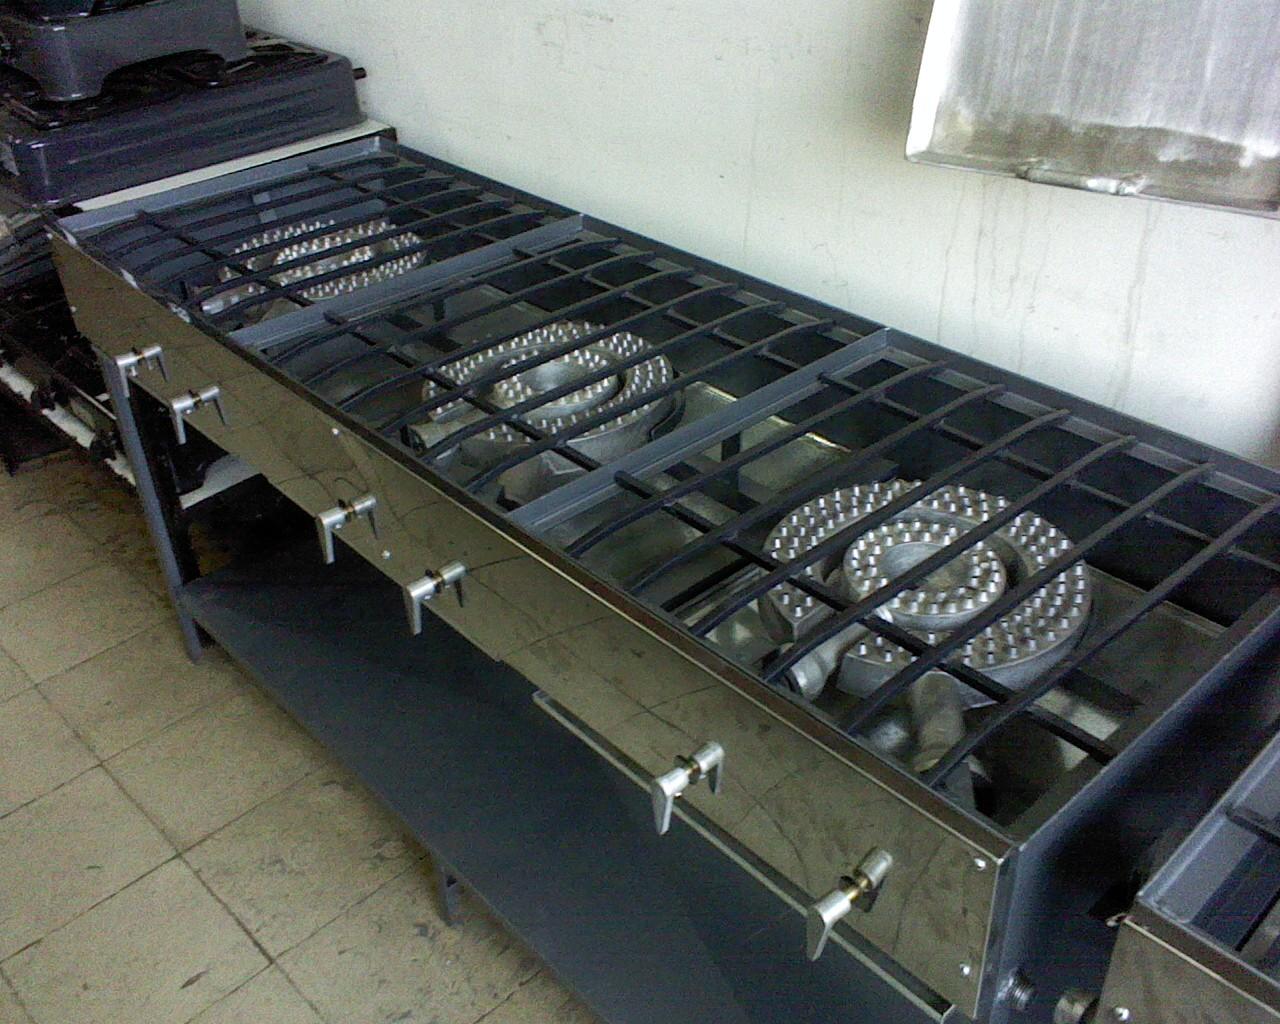 Emergencias de gas la 15 estufas industriales for Estufas de gas industriales